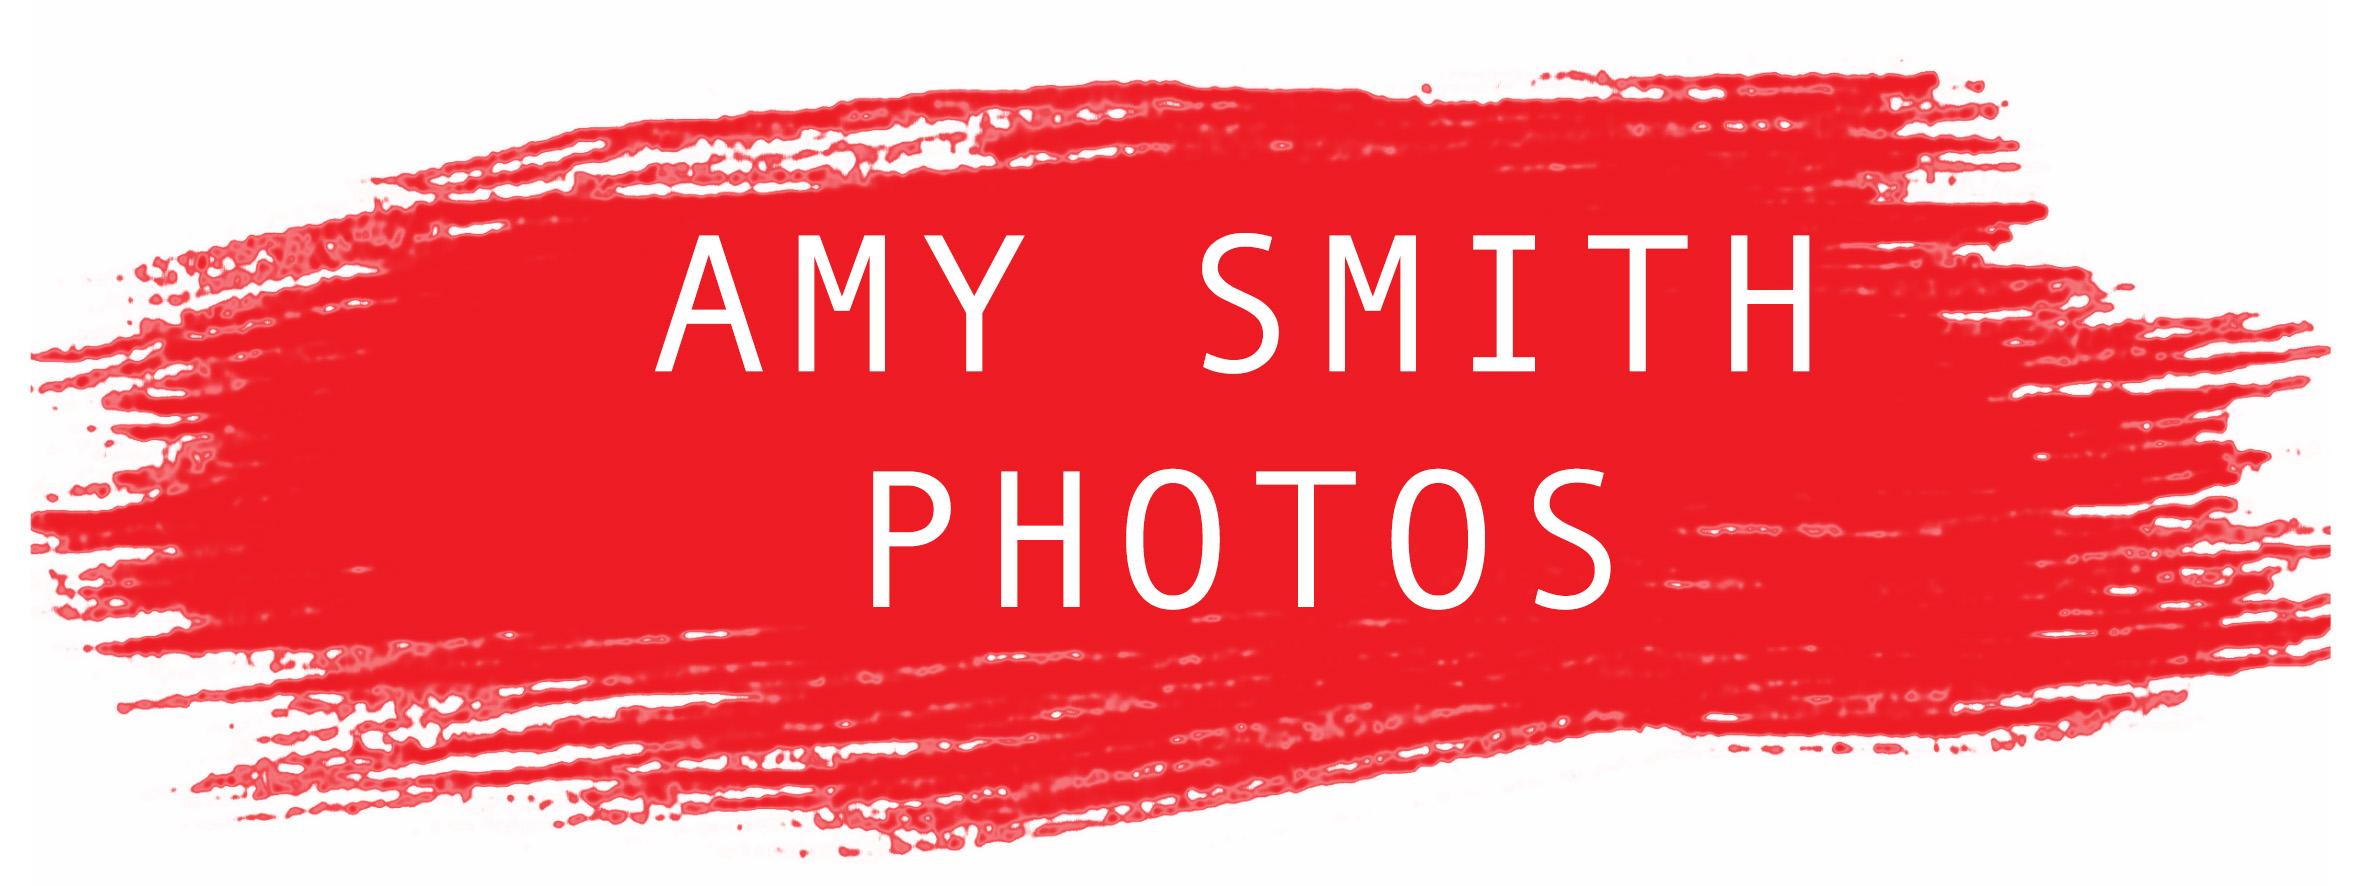 Amy Smith Photos